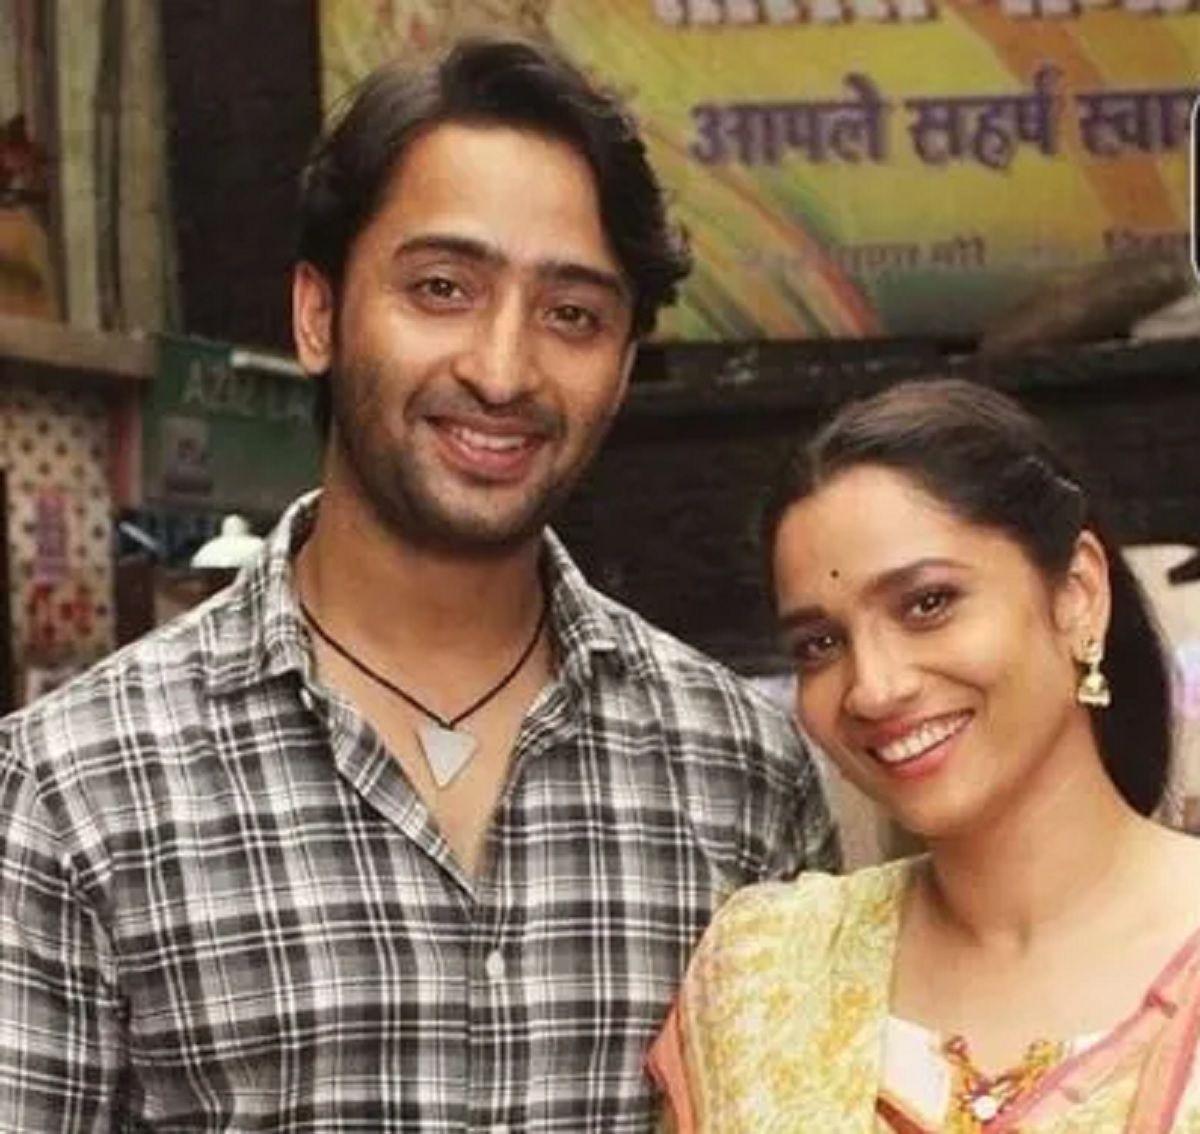 Pavitra Rishta 2 Manav Archana on Zee 5